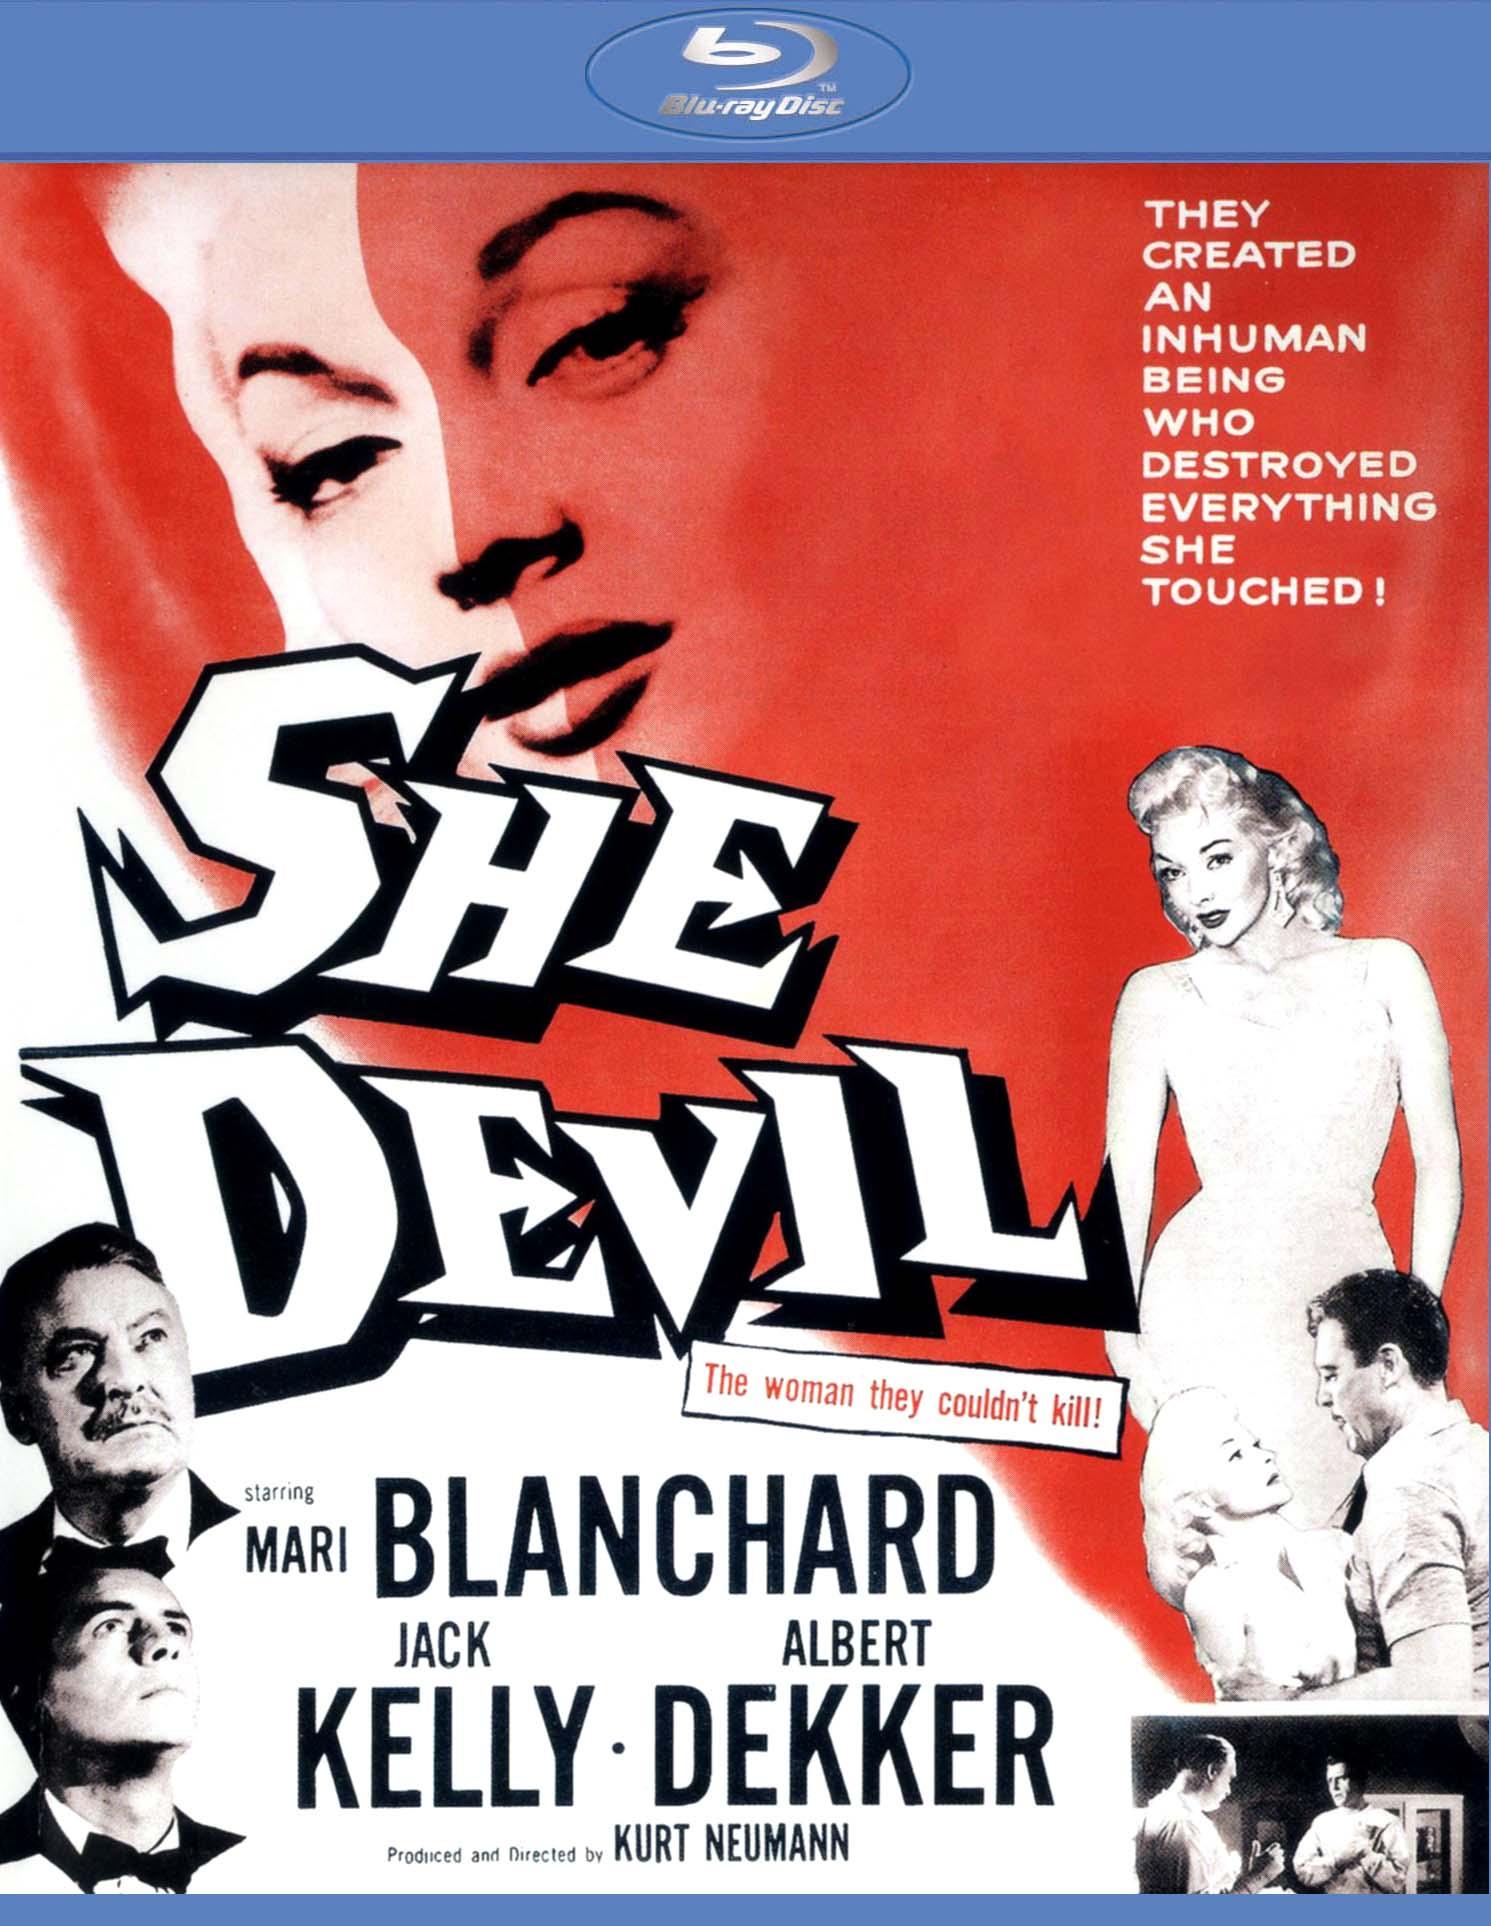 She Devil [blu-ray] 20892928